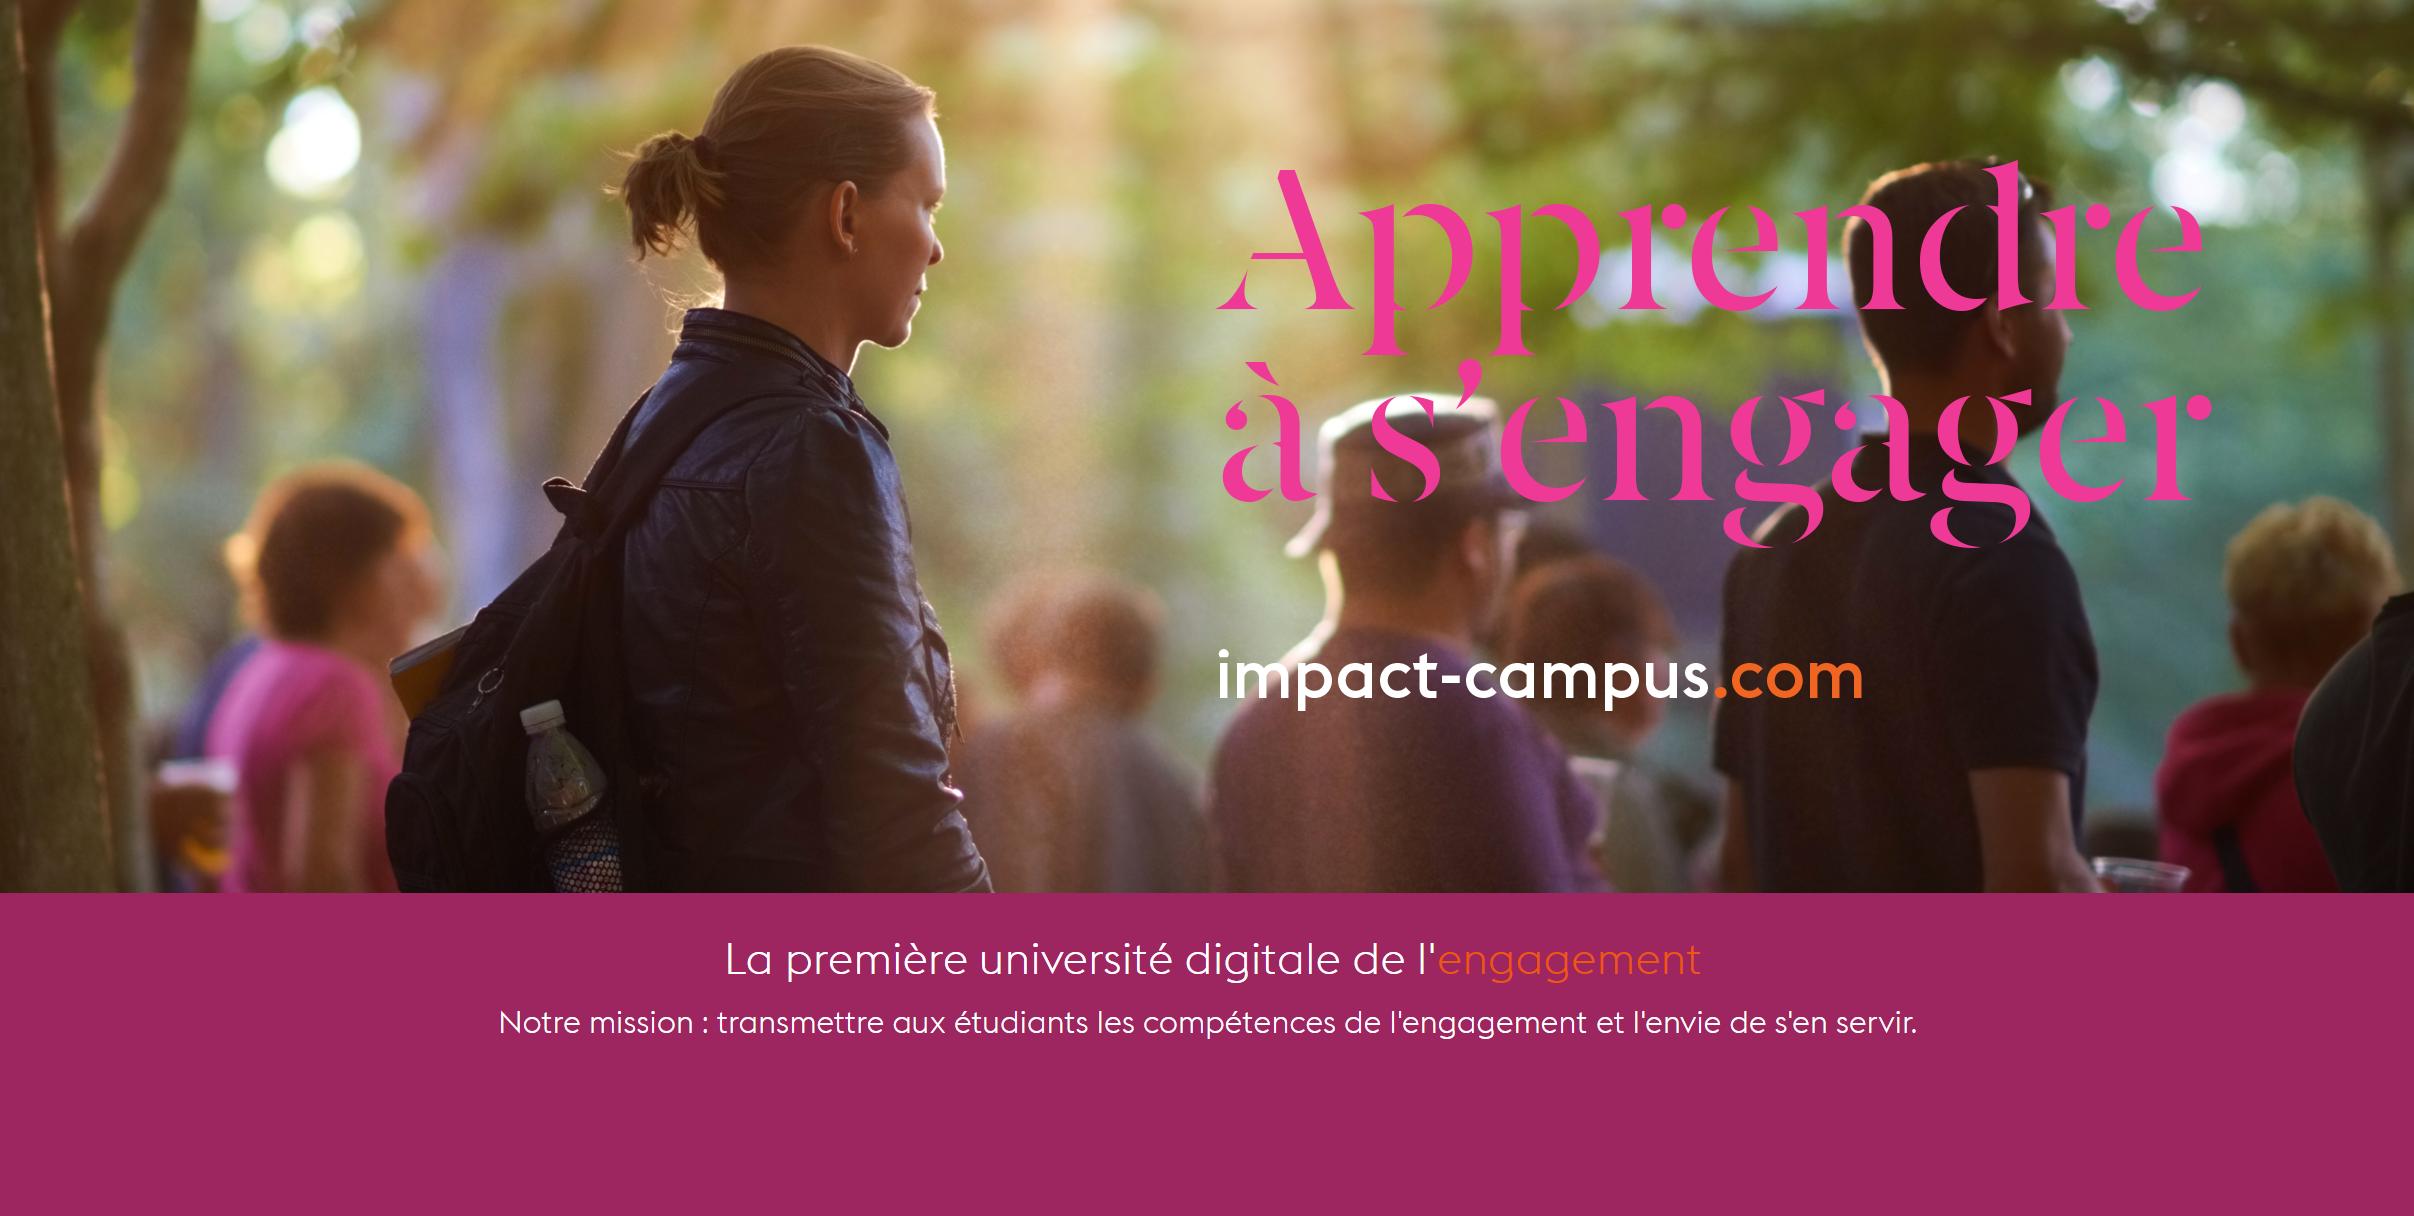 Impact Campus